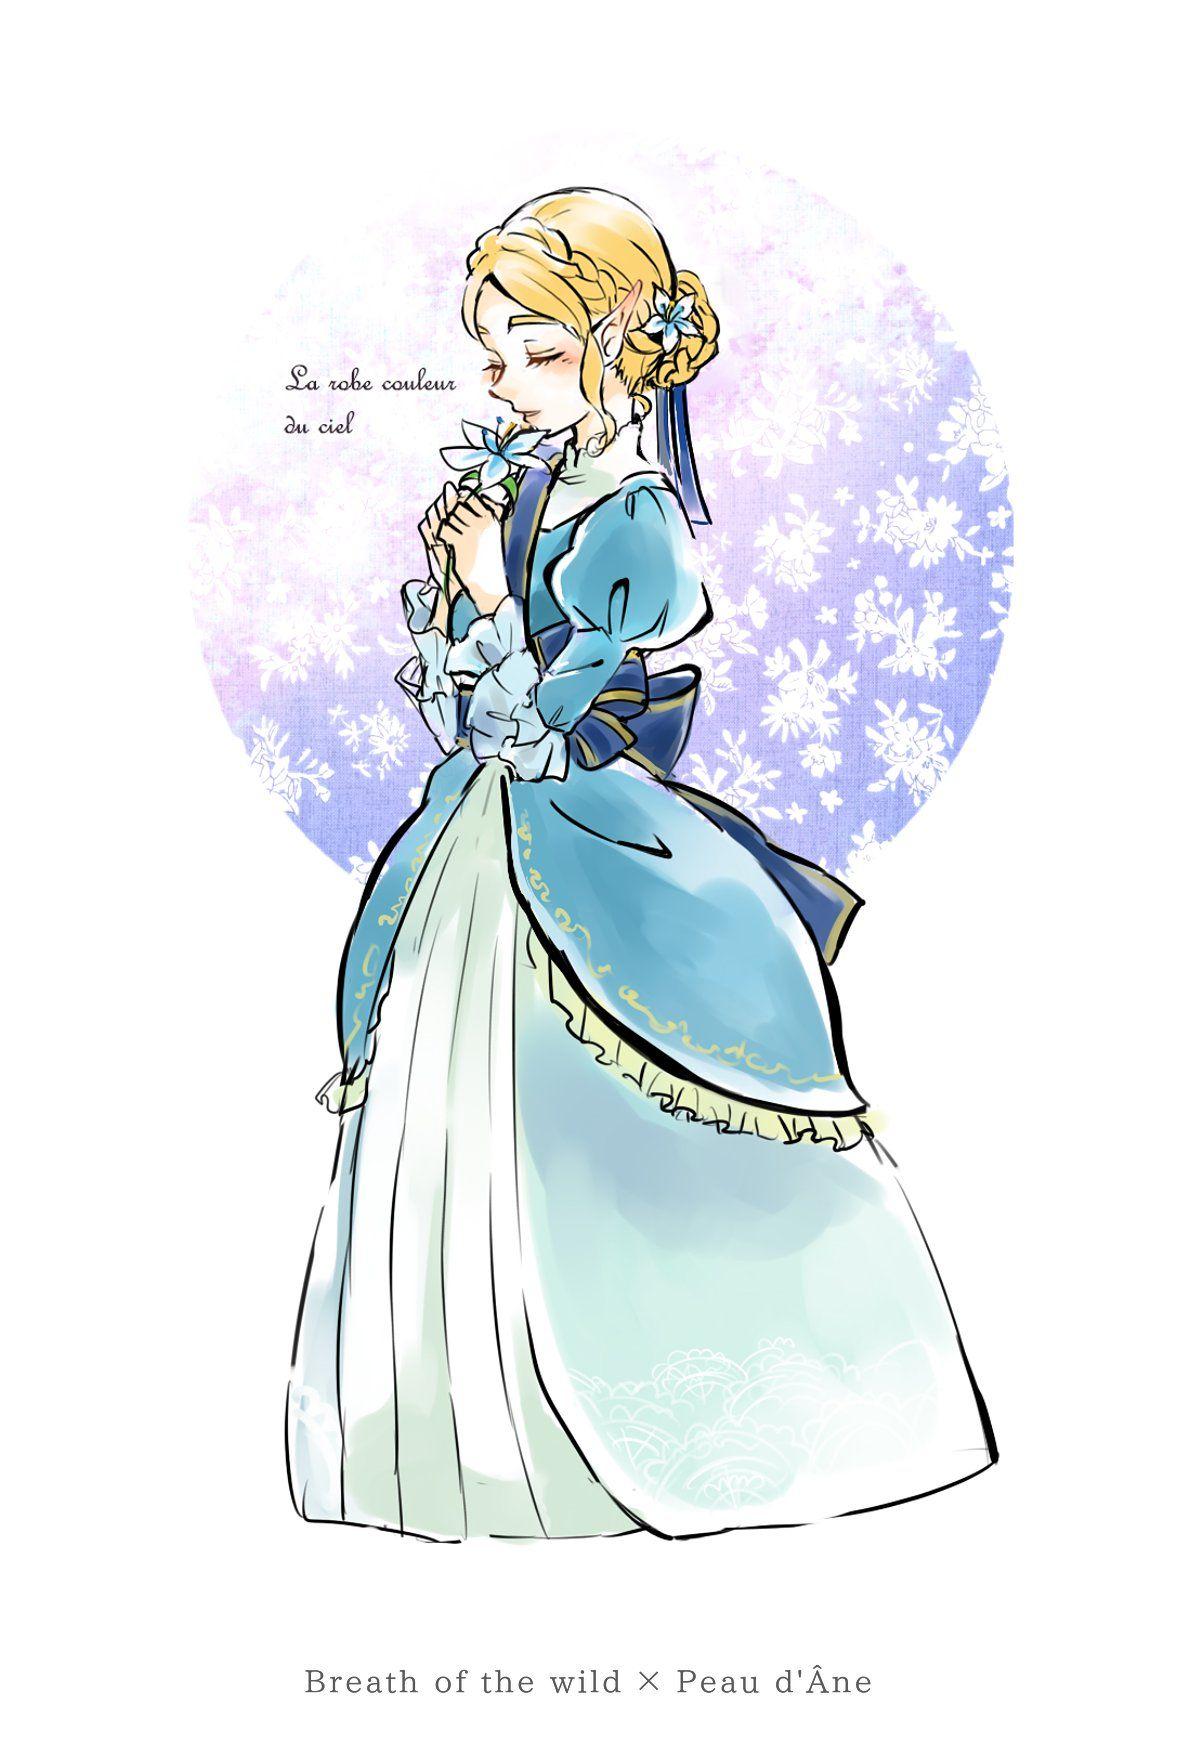 Princess Zelda Dress By S Mino930 Breathofthewild Legend Of Zelda Legend Of Zelda Breath Zelda Art